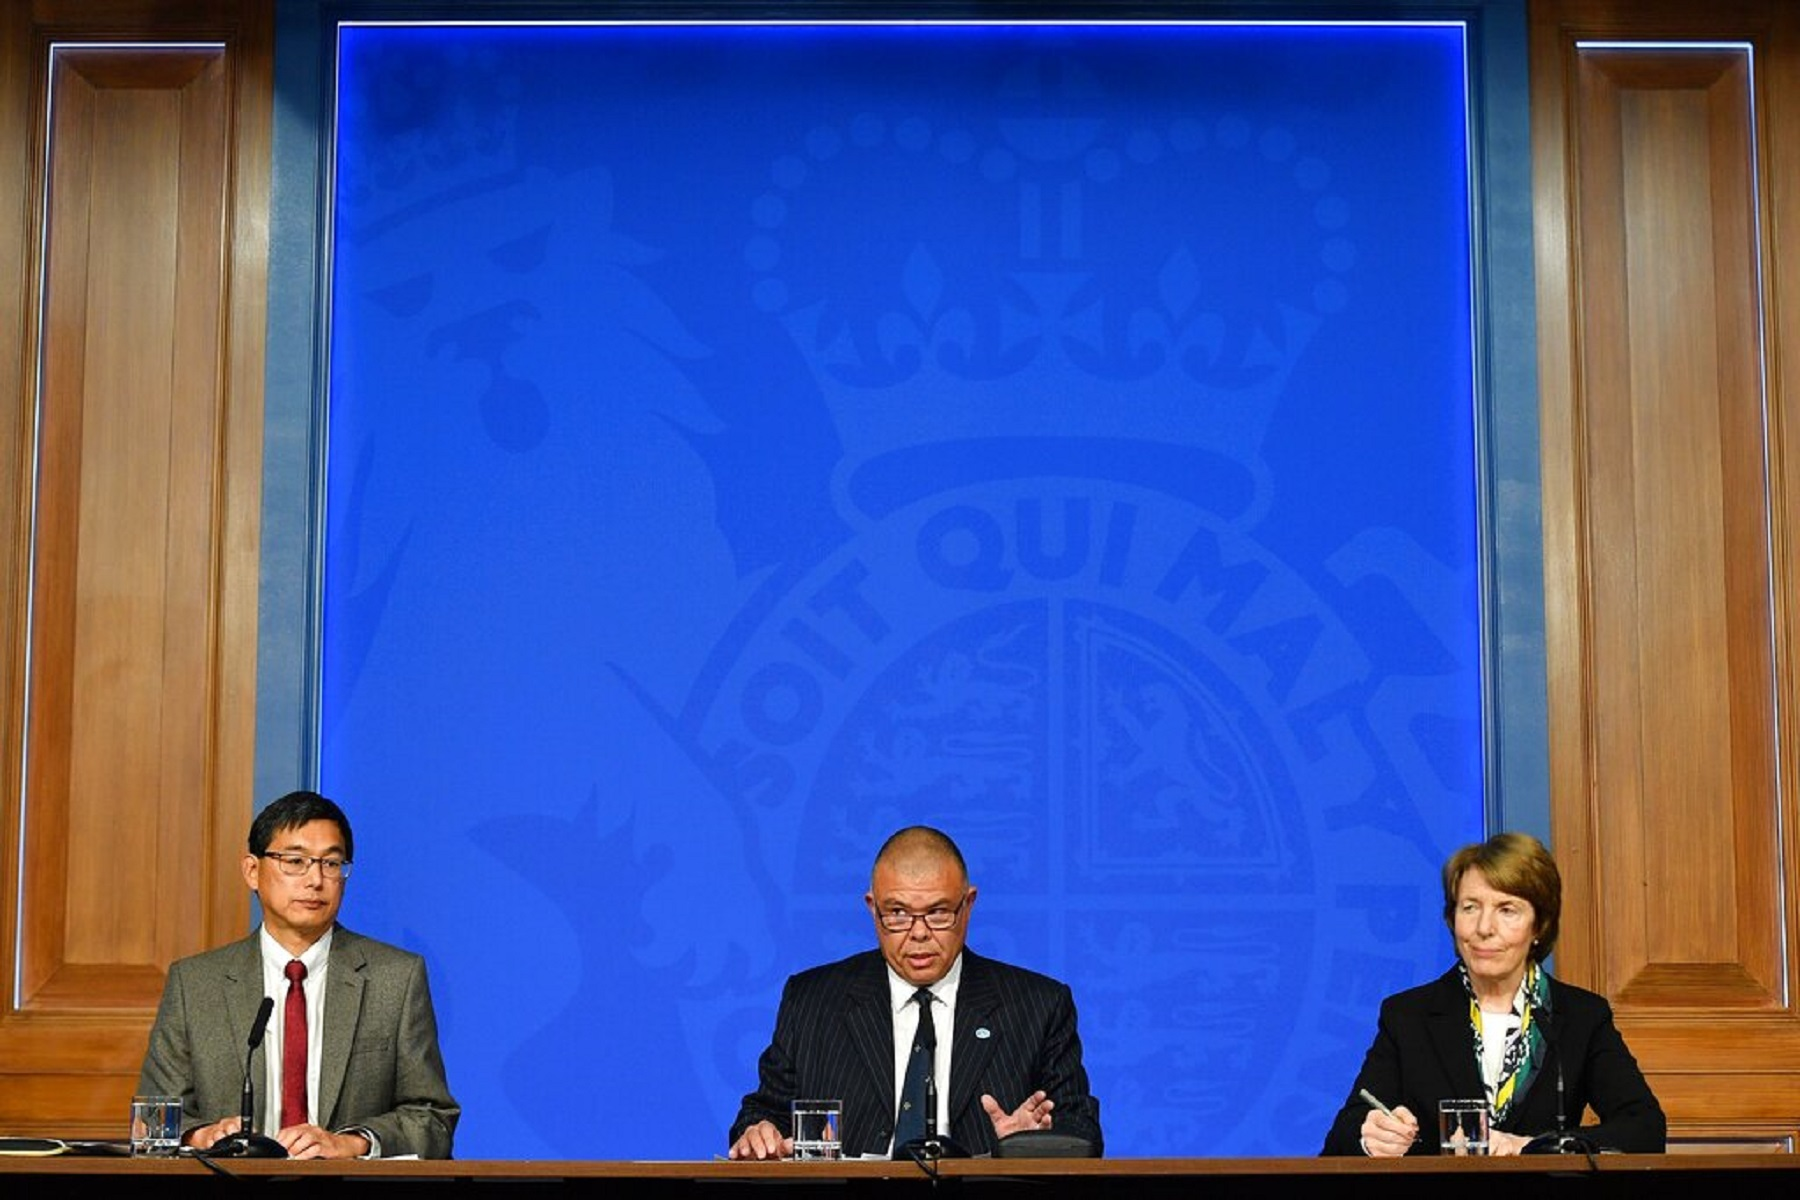 Ηνωμένο Βασίλειο: Συνιστά ενισχυτικές λήψεις έναντι covid-19 σε άτομα άνω των 50 και σε άλλα ευάλωτα άτομα